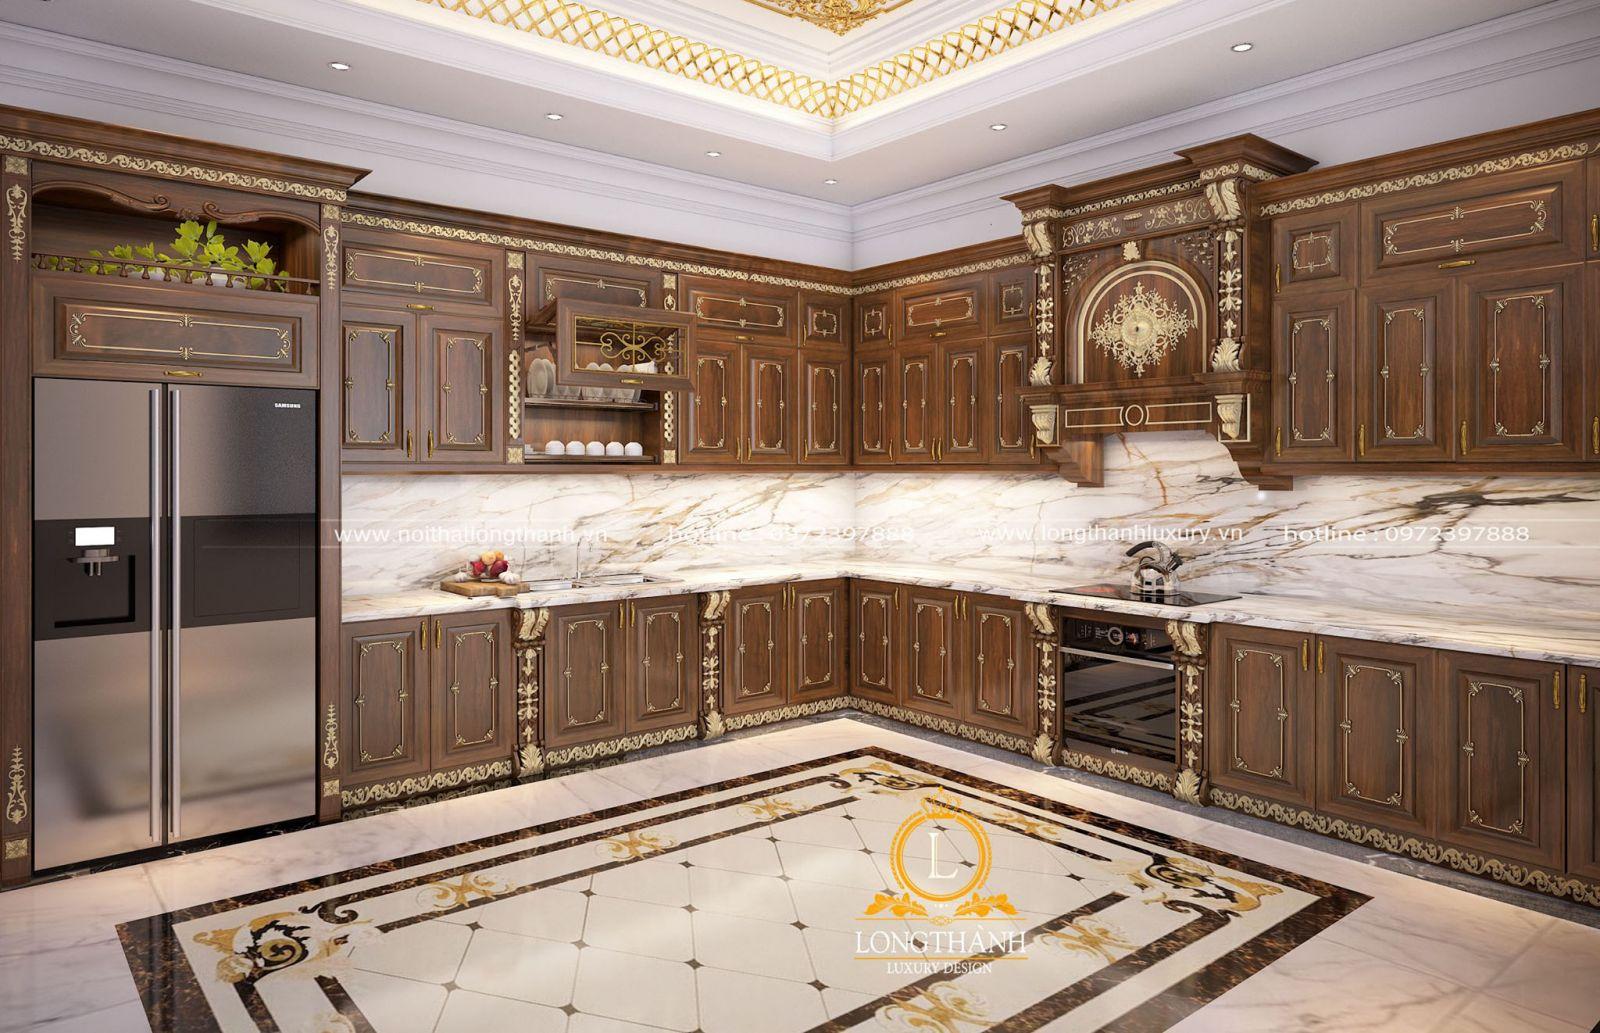 Thiết kế tủ bếp gỗ gõ đỏ tân cổ điển chữ L cho biệt thự rộng